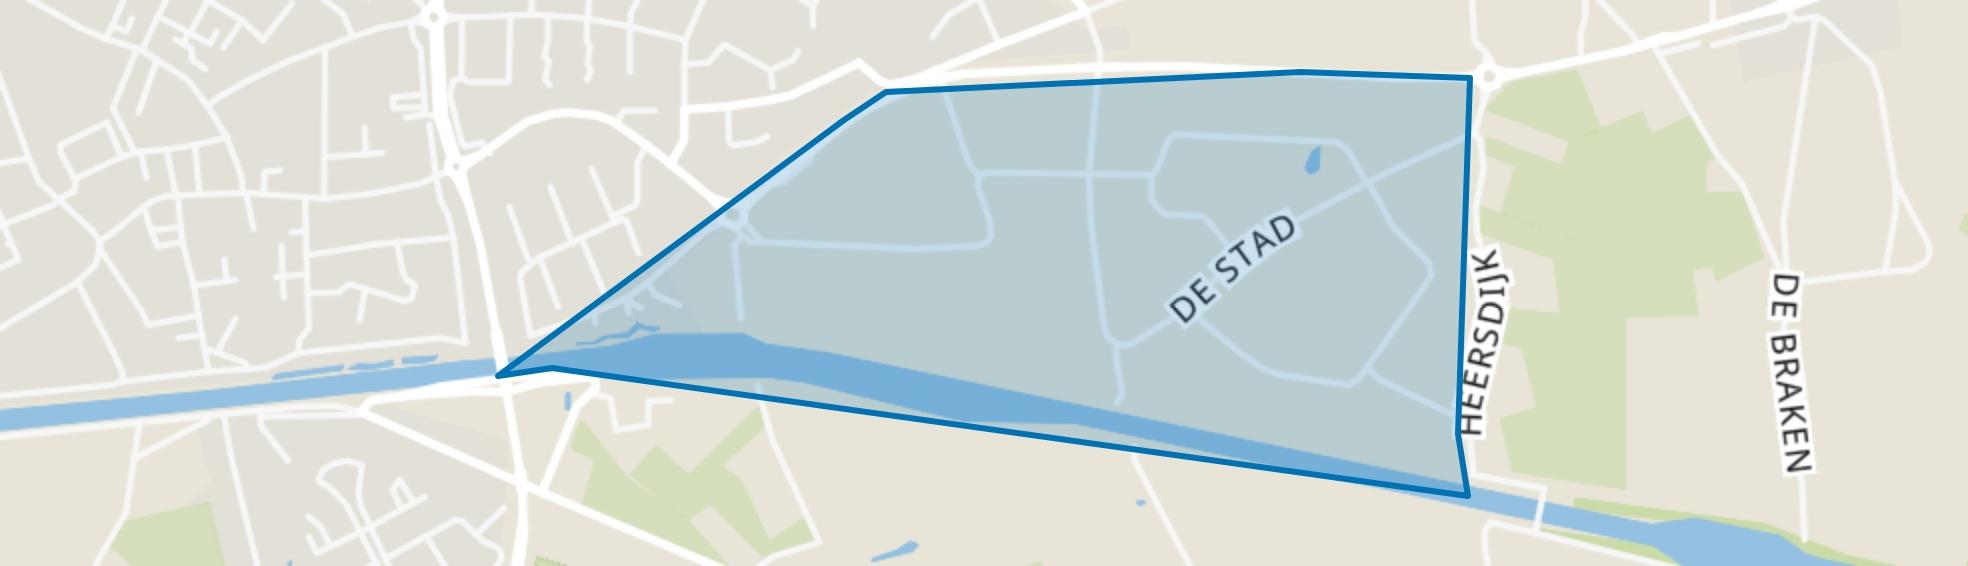 Industrieterrein De Stad, Oirschot map